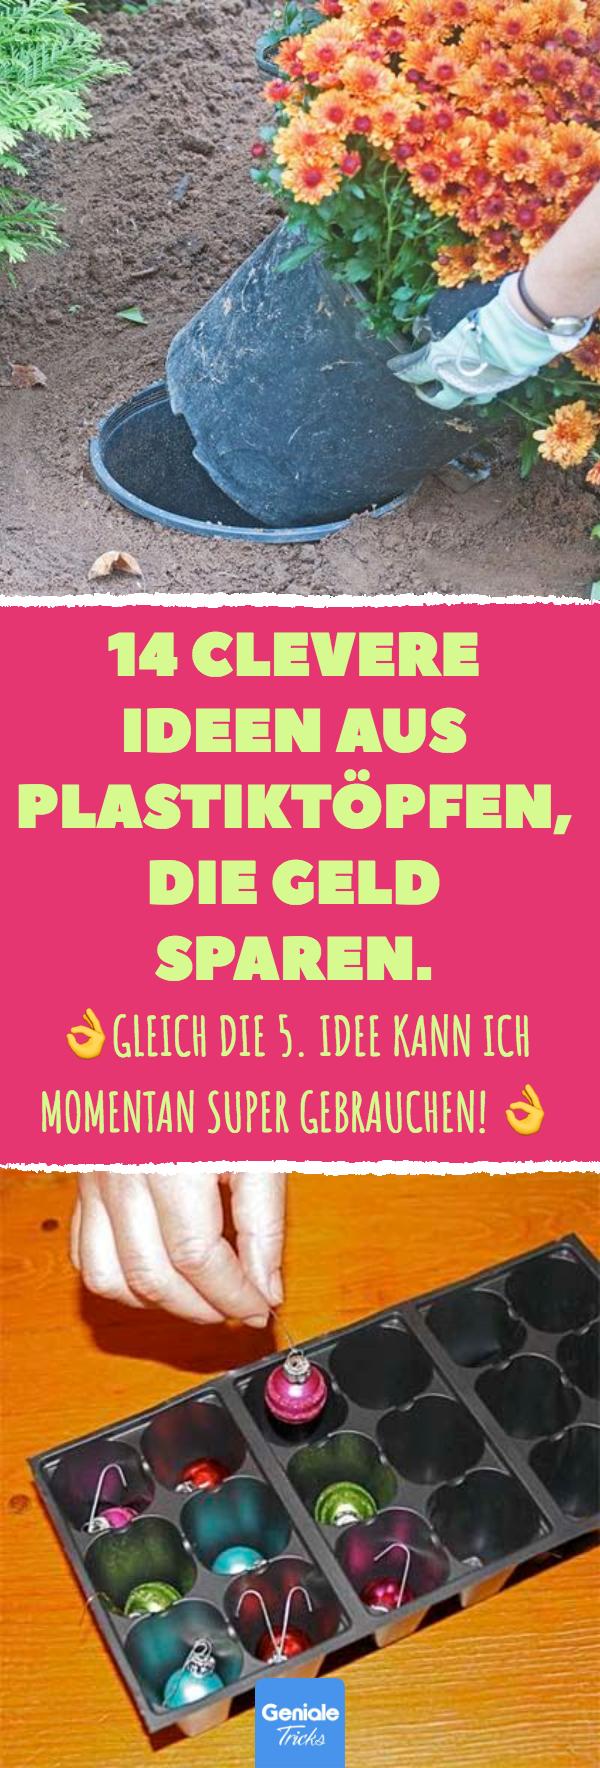 14 clevere Ideen aus Plastiktöpfen, die Geld sparen. 14 Tricks und Ideen, wie du Pflanztöpfe aus Plastik sinnvoll wiederverwenden kannst. #Pflanztöpfe #Upcycling #Plastiktöpfe #Blumentöpfe #Ordnung #DIY #Plastik #Müll #Garten #Ideen #Tricks #gartenupcycling